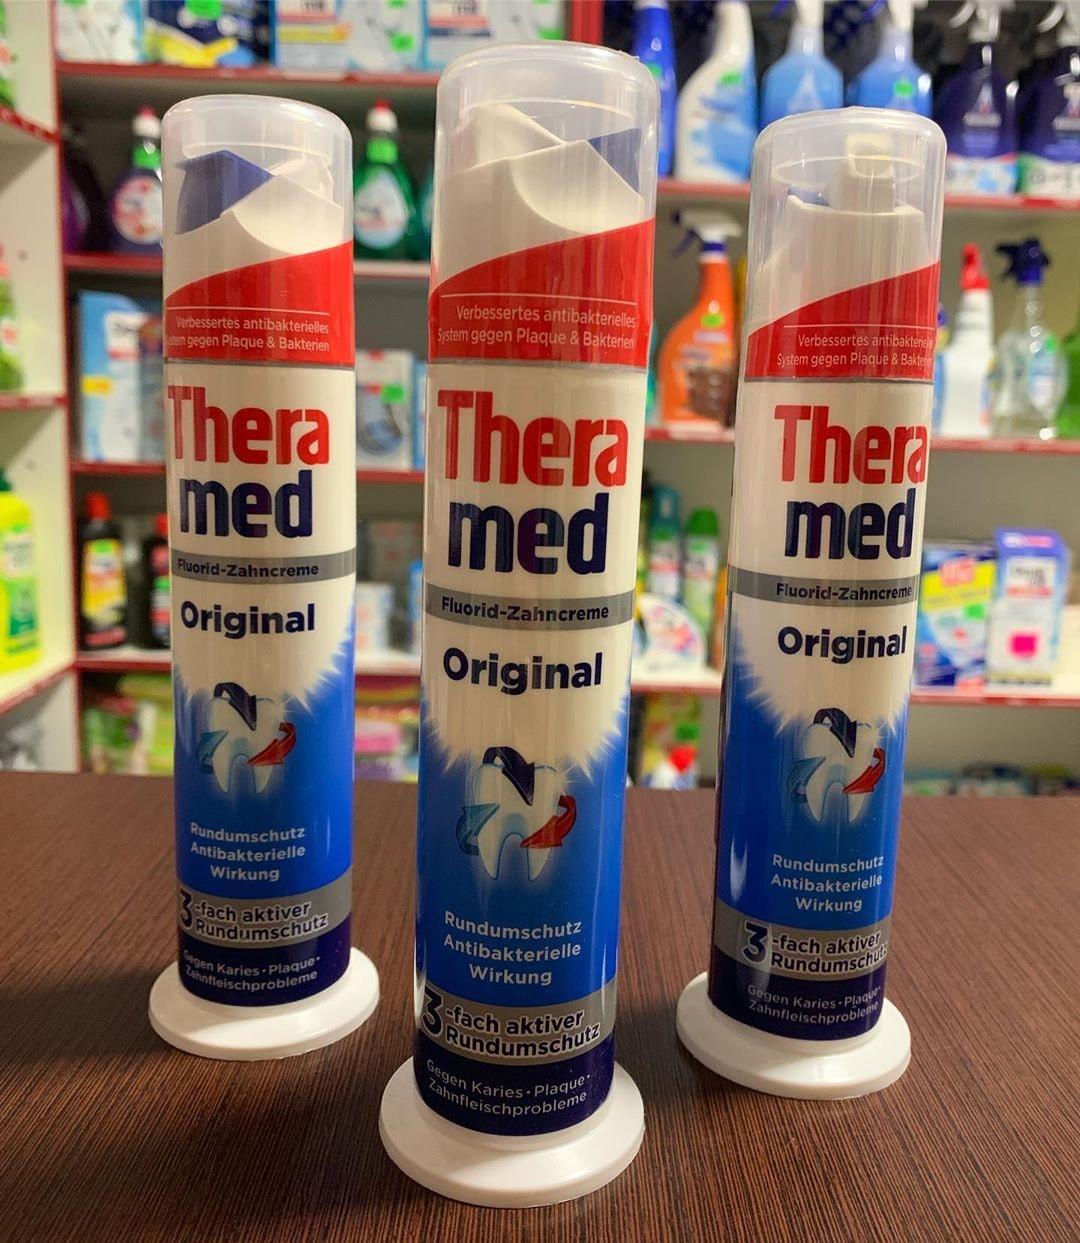 kem đánh răng ống theramed kháng khuẩn